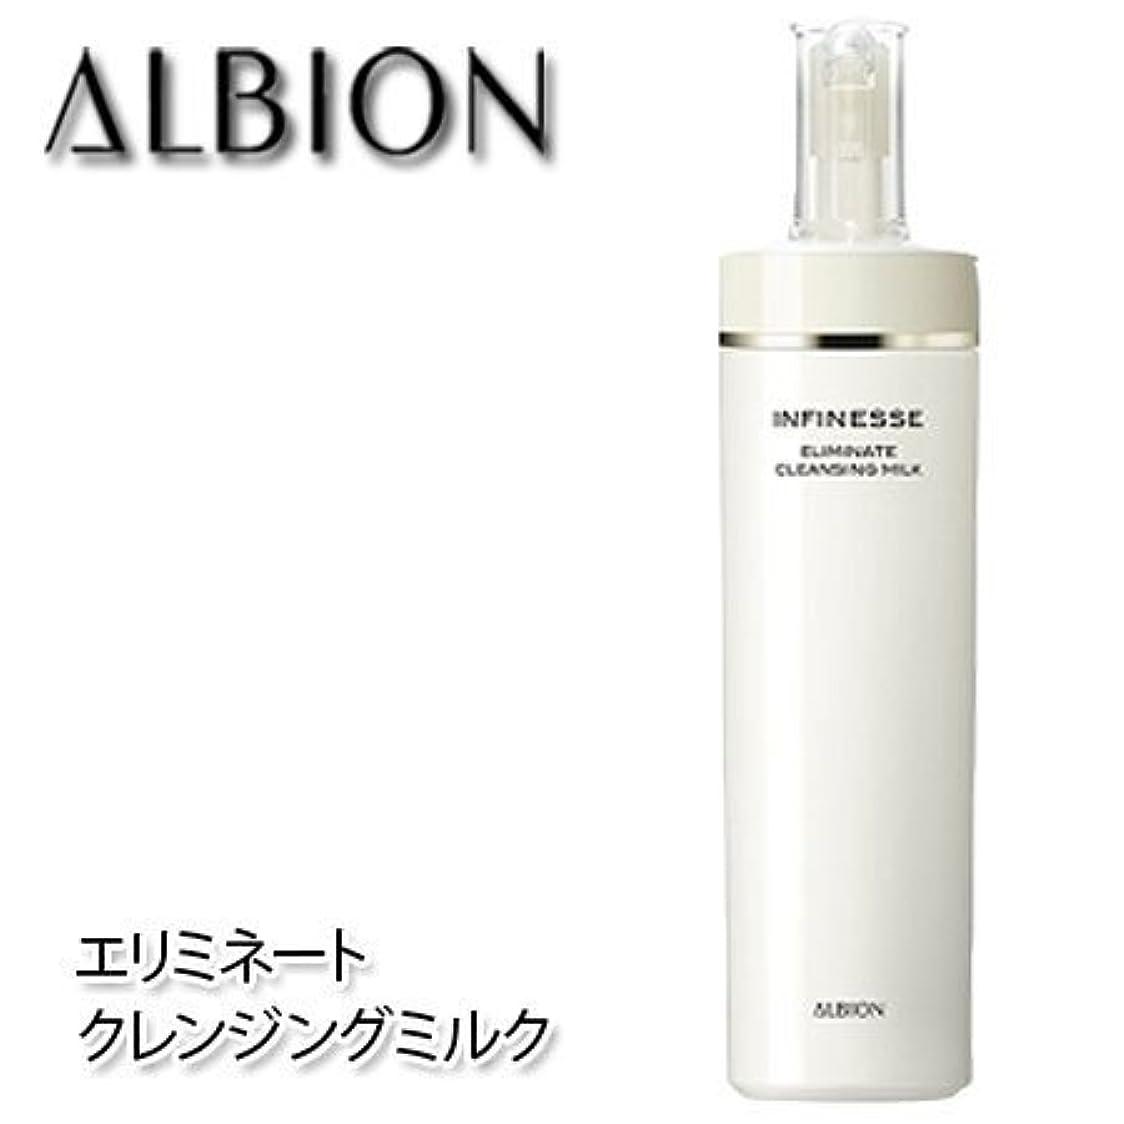 神経衰弱茎祭司アルビオン アンフィネス エリミネート クレンジングミルク 200g-ALBION-